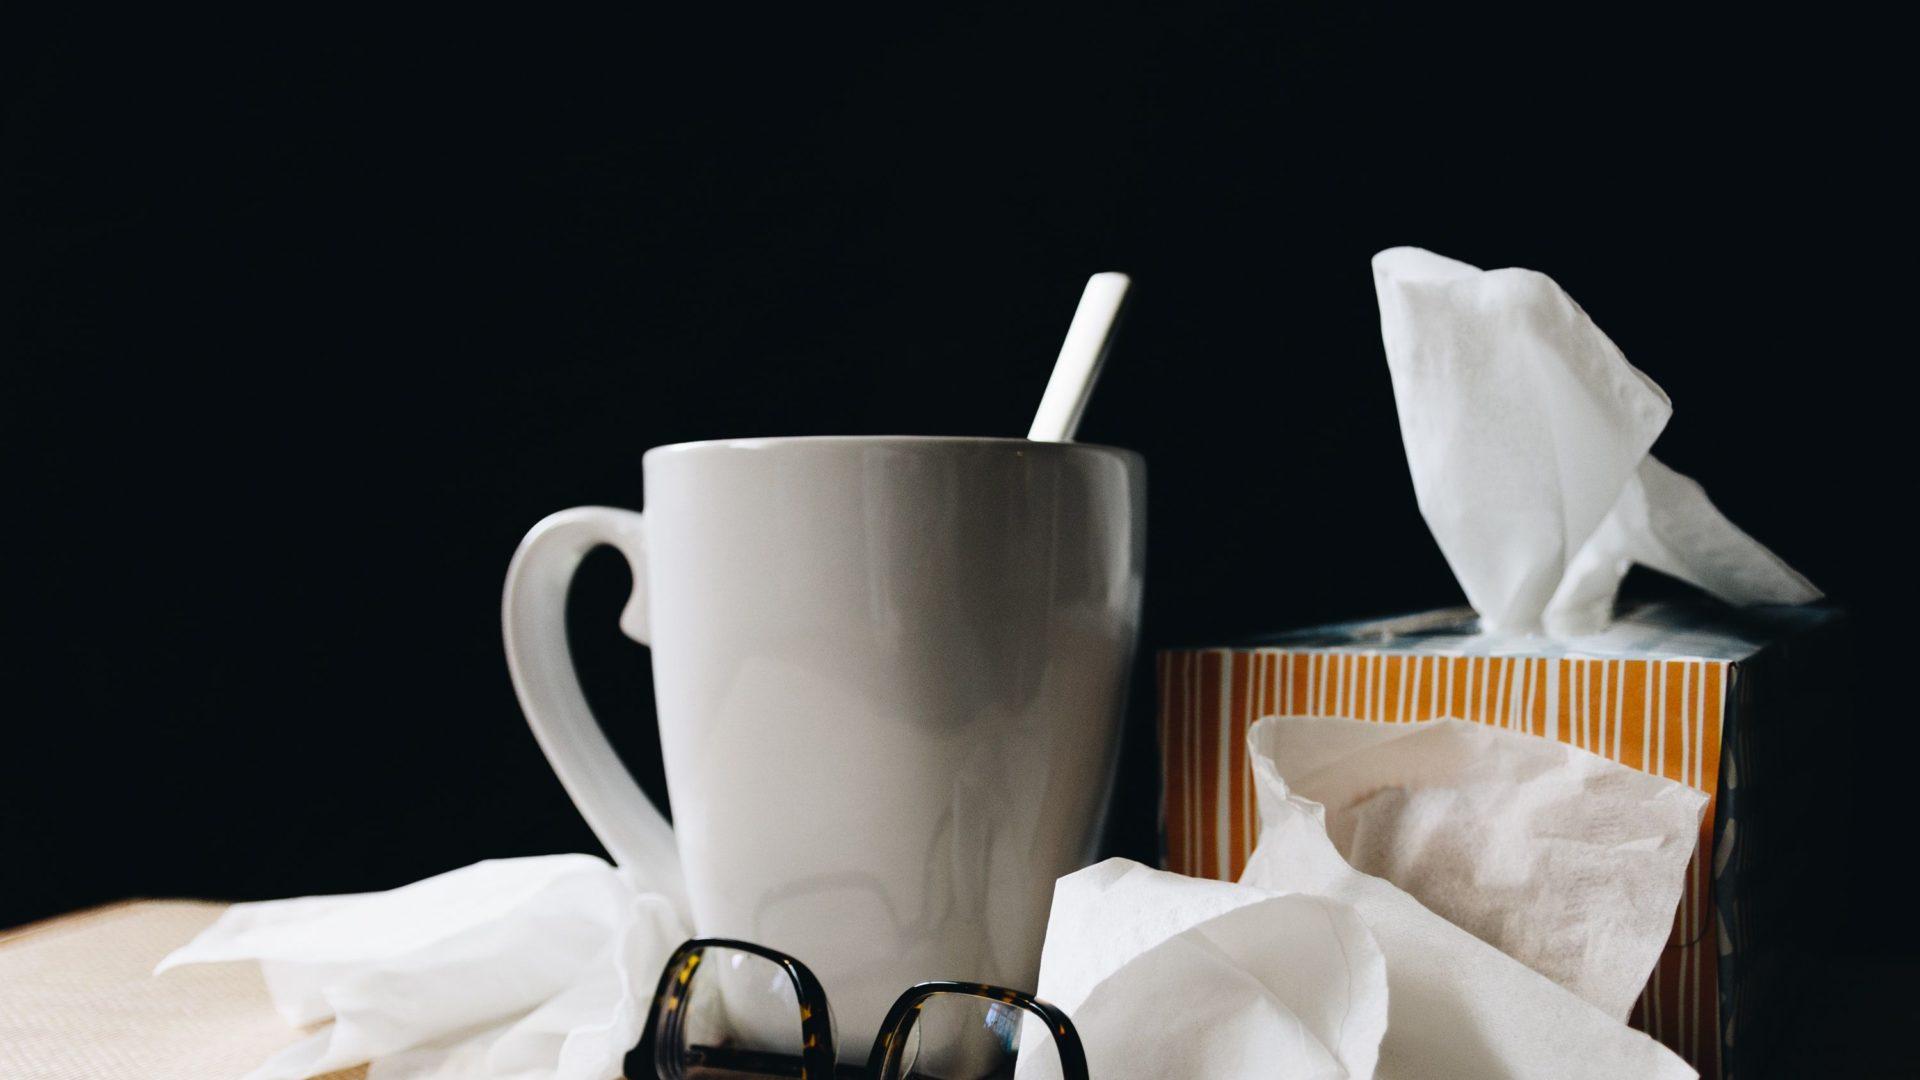 Erkältungen und Covid-19